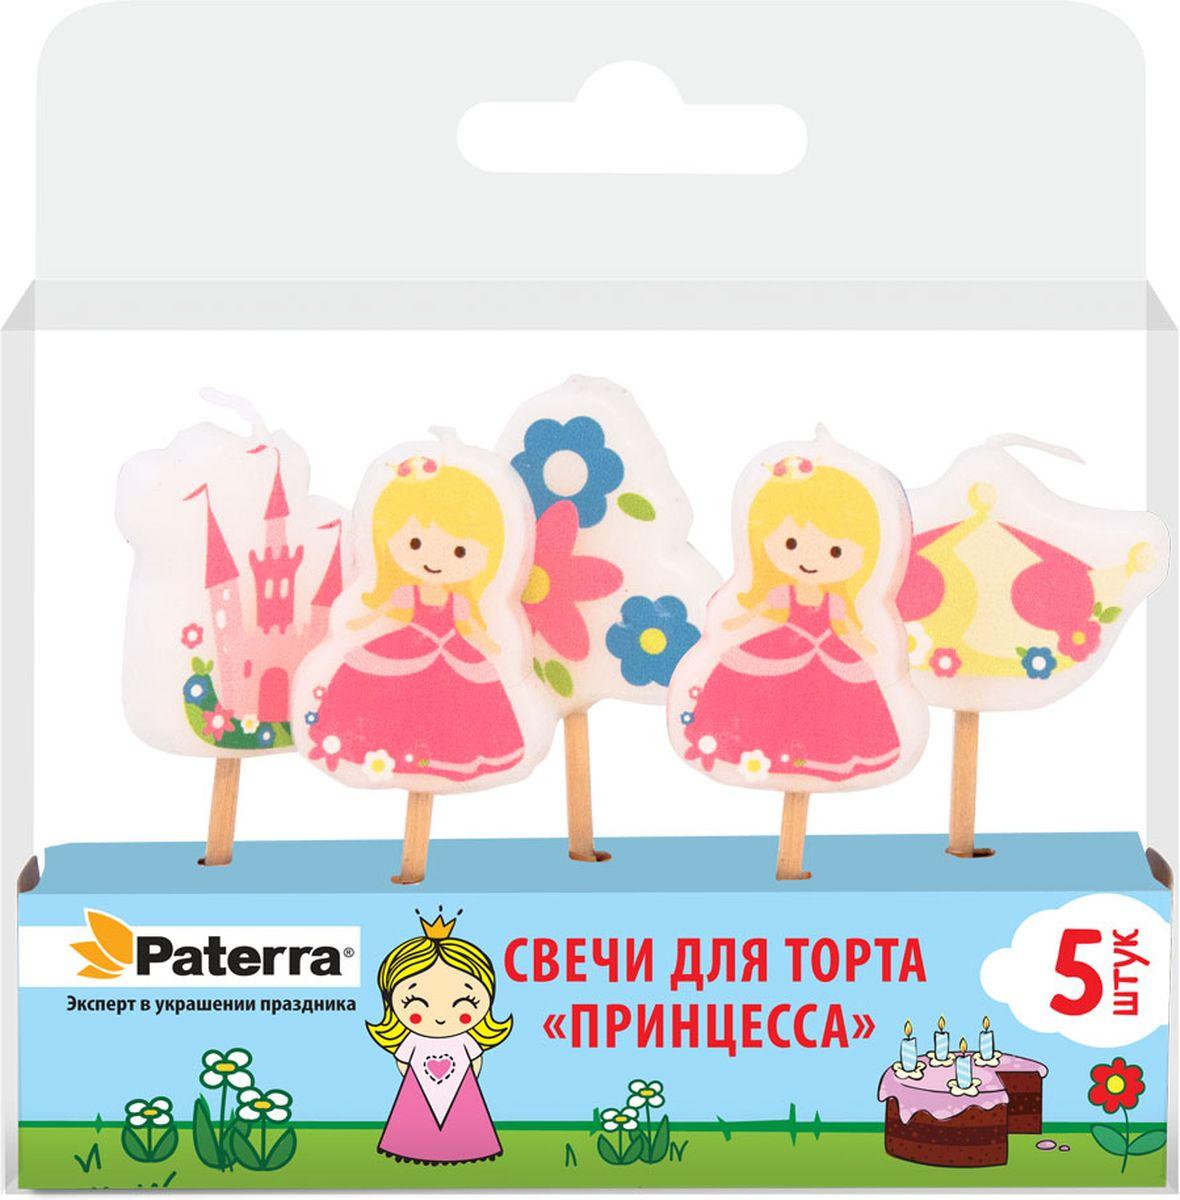 Свечи для торта Paterra Принцесса, высота 11,5 см, 5 шт